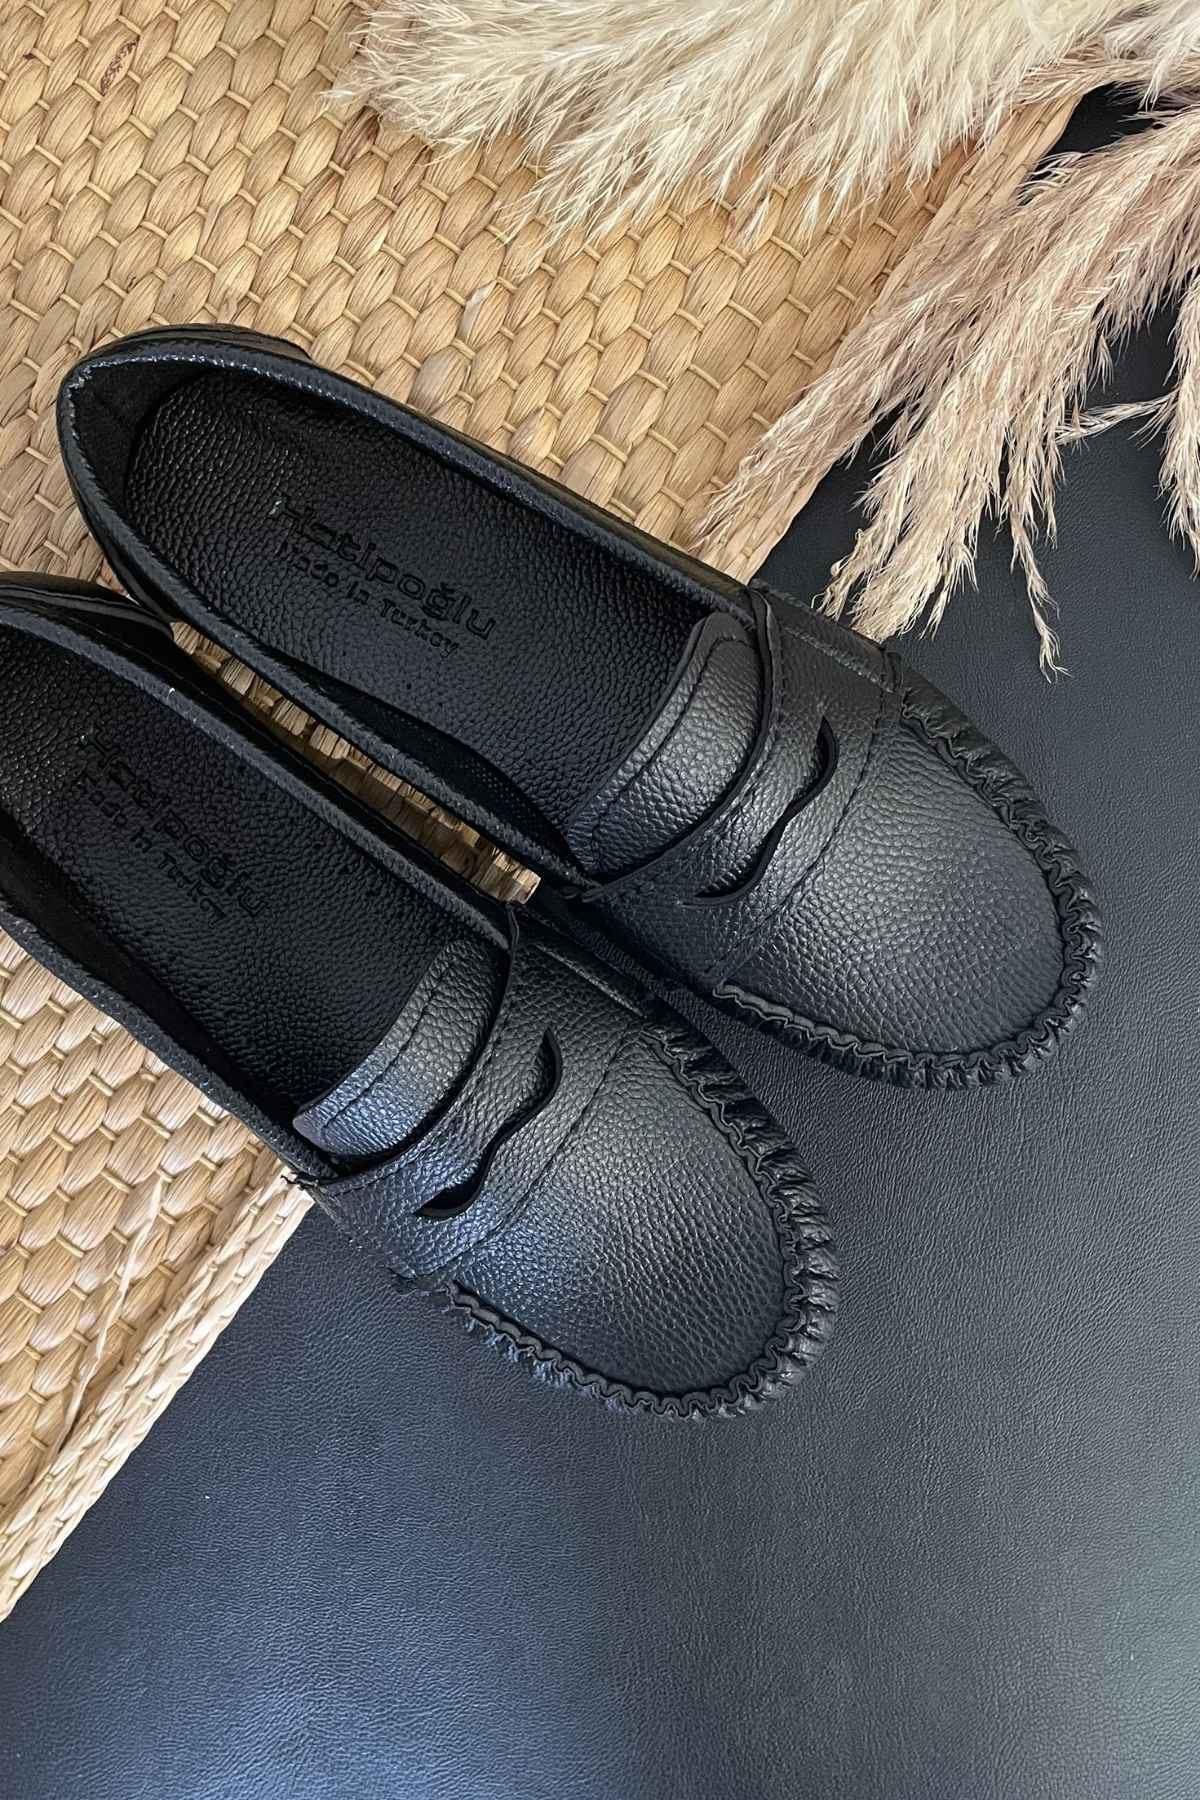 Sohe Siyah Deri Mokasen Rok Babet Ayakkabı